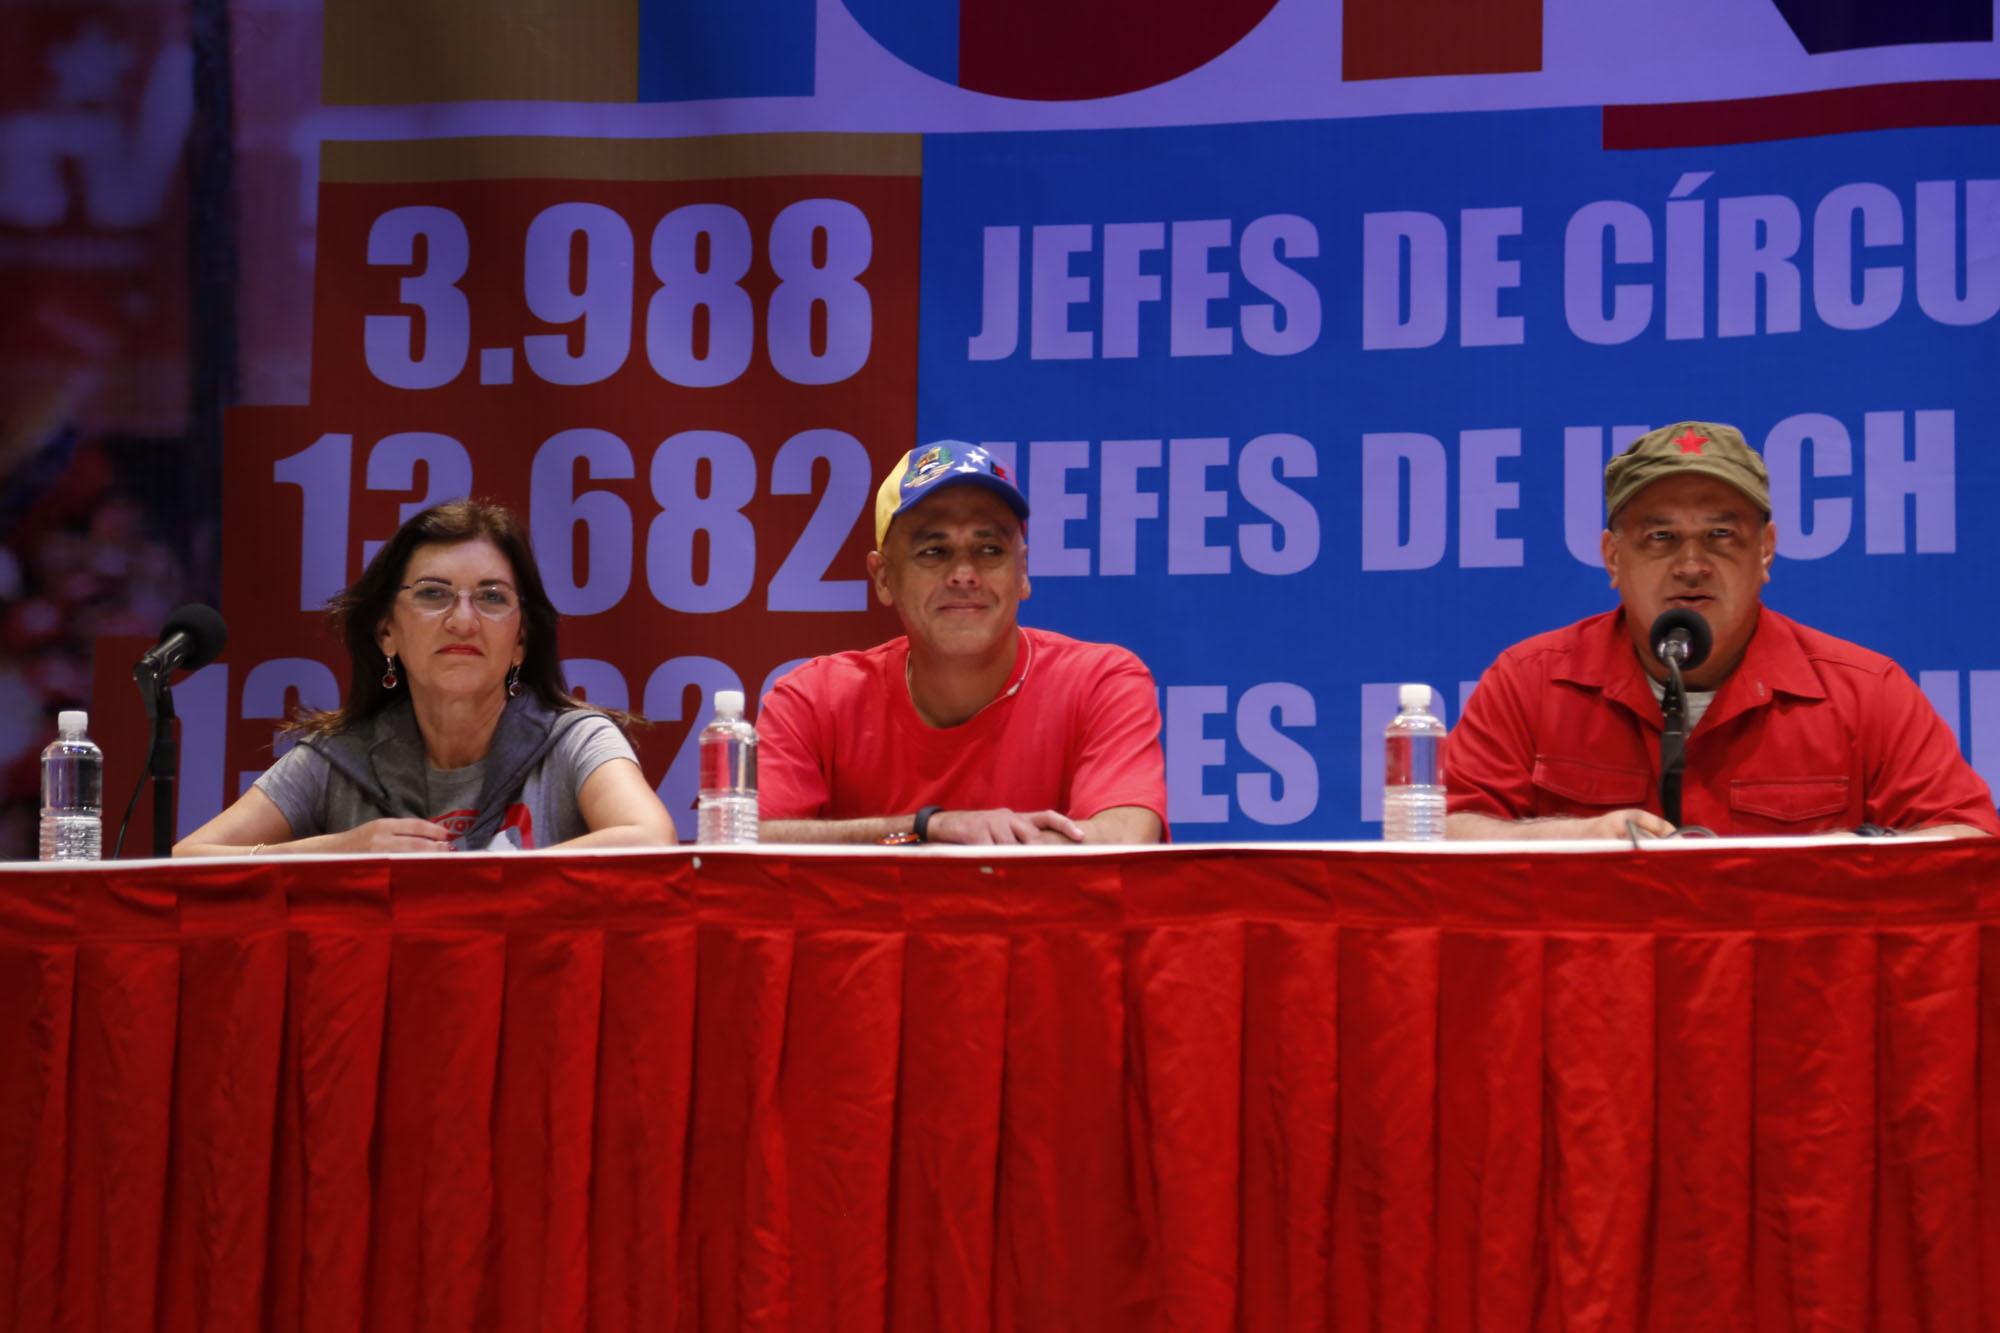 Comunicado del Partido Socialista Unido de Venezuela denuncia a EE. UU. ante la comunidad internacional